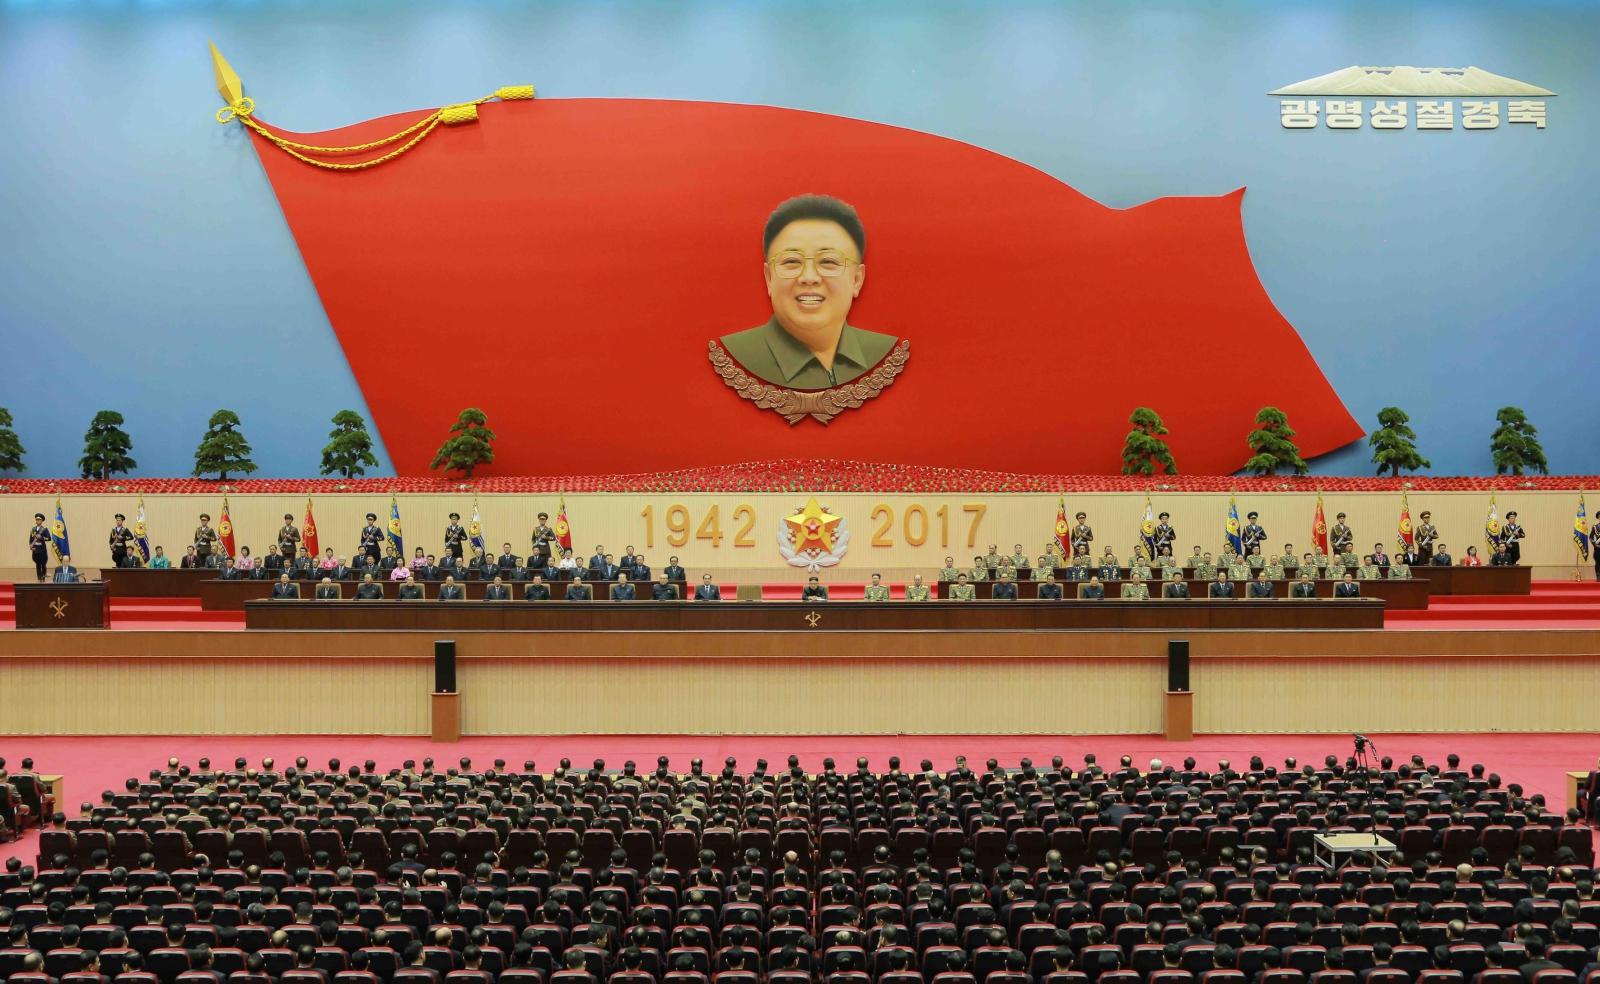 Dzień Świecącej Gwiazdy w Korei Północnej, czyli 75. urodziny dyktatora Kima Jong II. Fot. PAP/EPA/KCNA   EDITORIAL USE ONLY